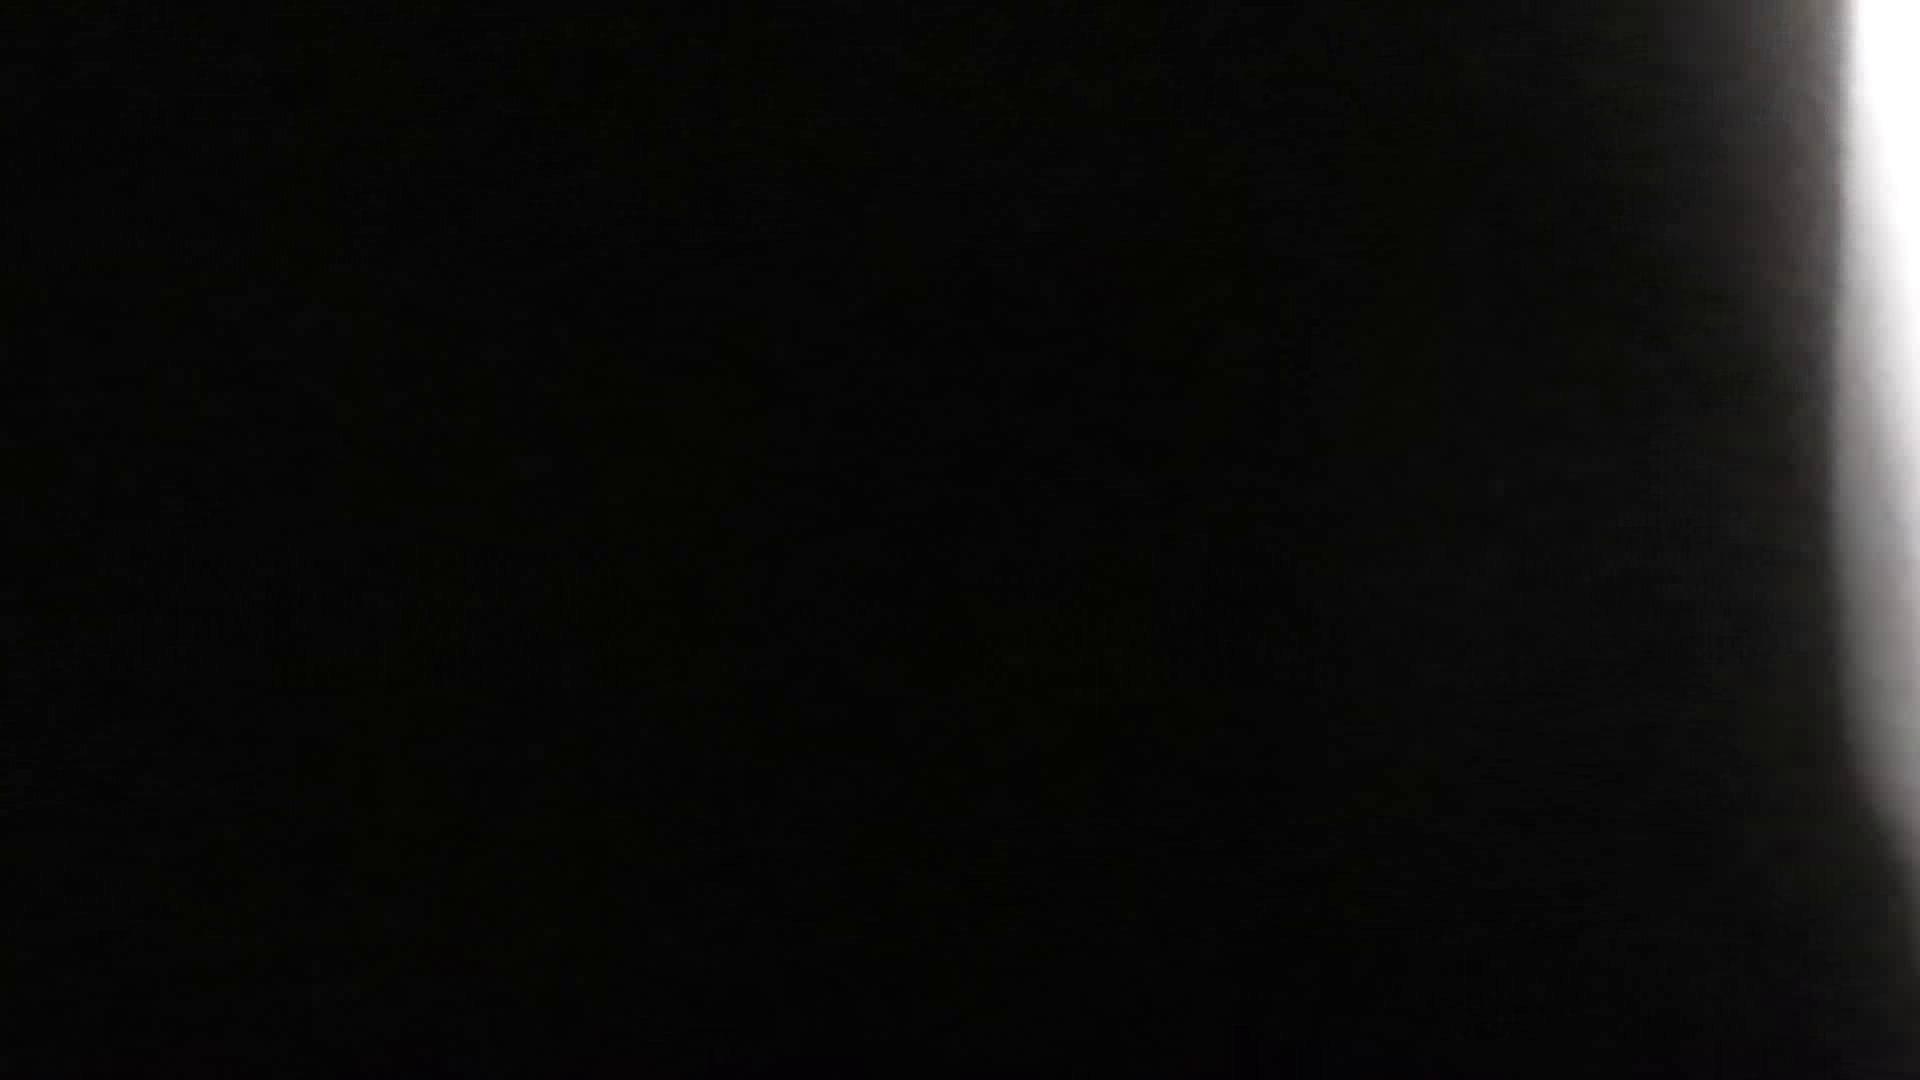 SPYさん初投稿!マンション覗き!5000K!ハイビジョン撮影VOL.06(現役野球部員顧問) スポーツ系ボーイズ | ノンケボーイズ  106pic 42